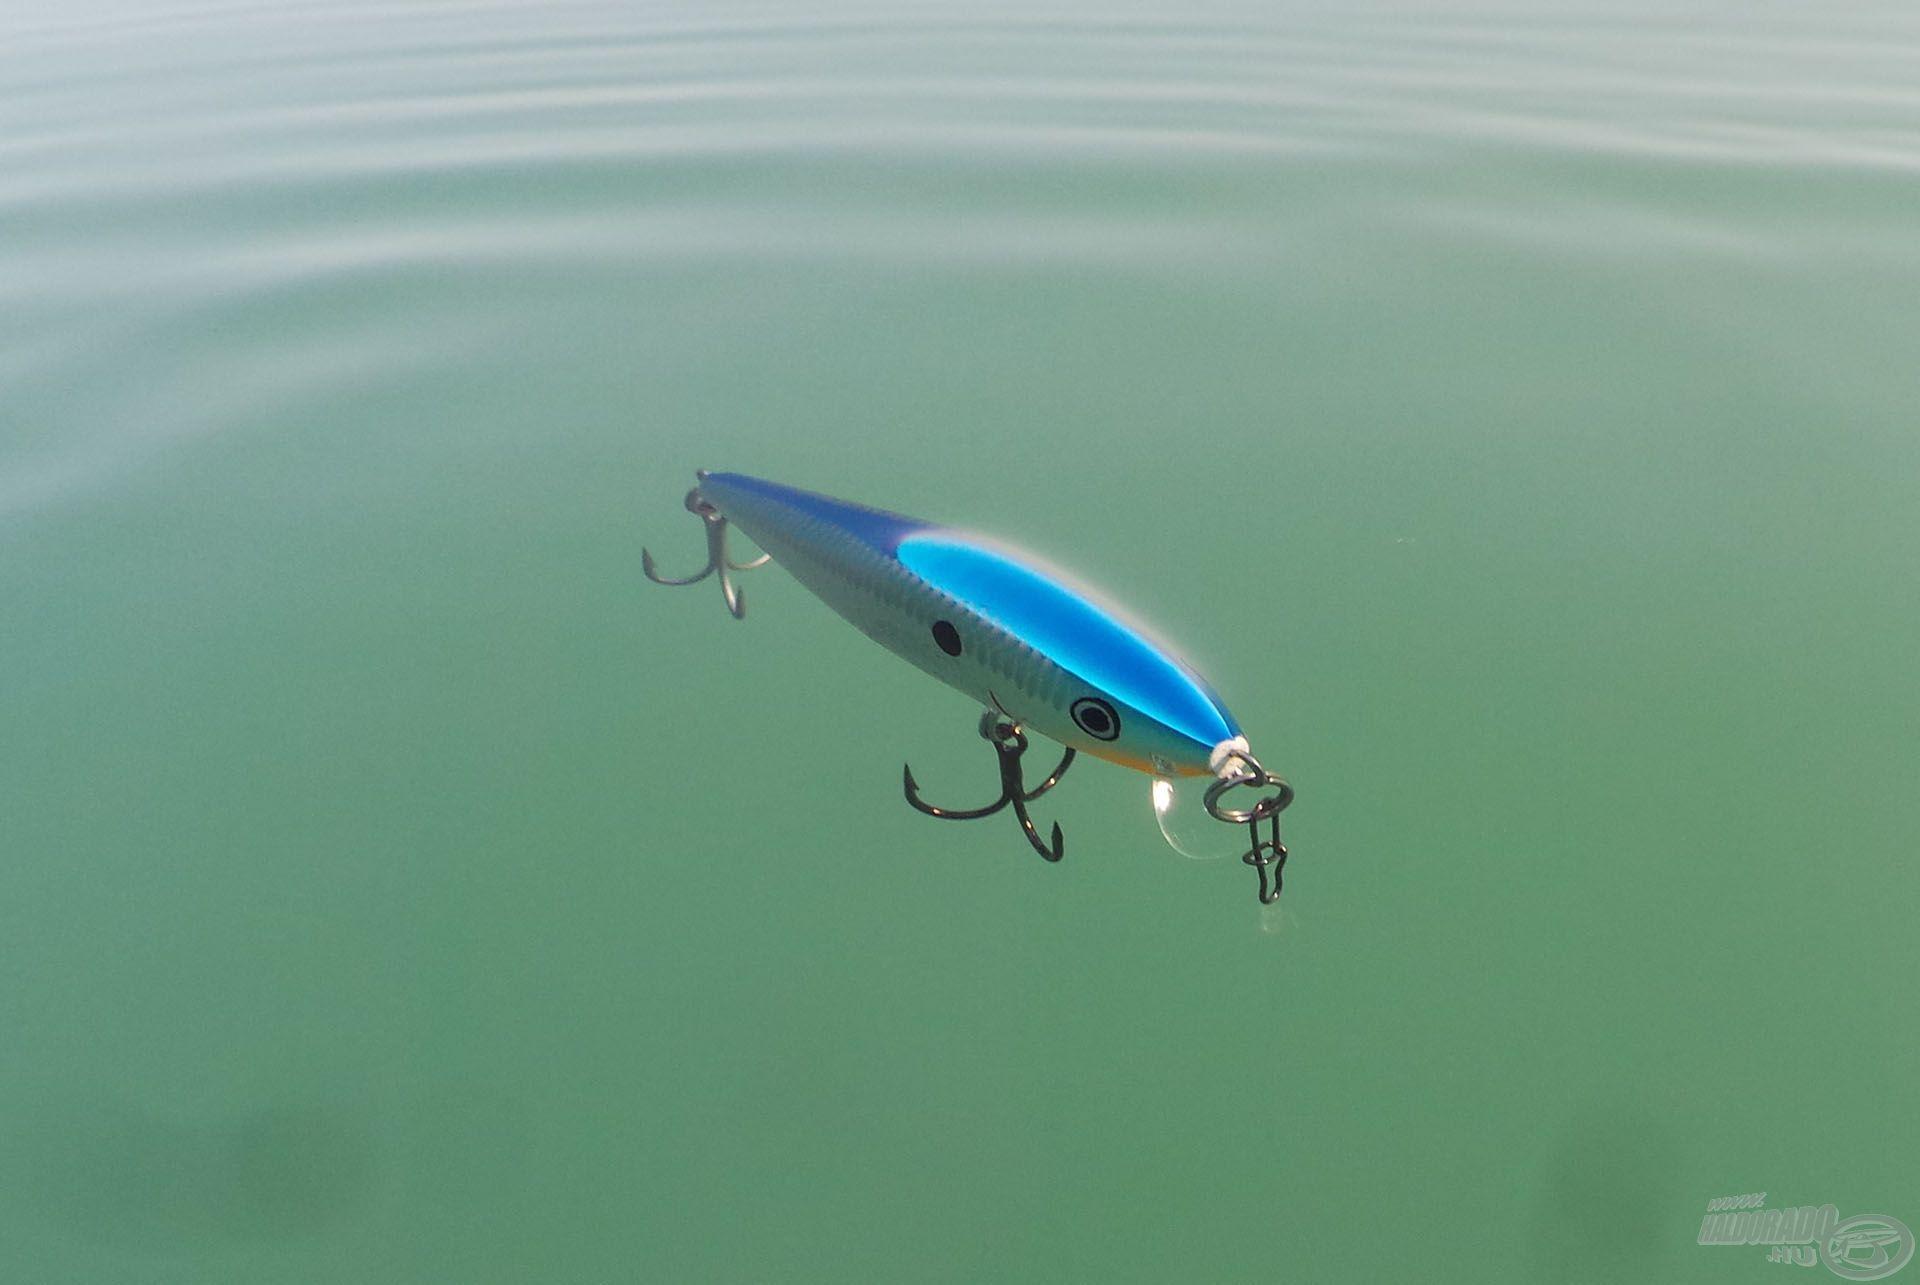 Az úszó kivitel is hozzájárul ahhoz, hogy ideális legyen balinpergetéshez